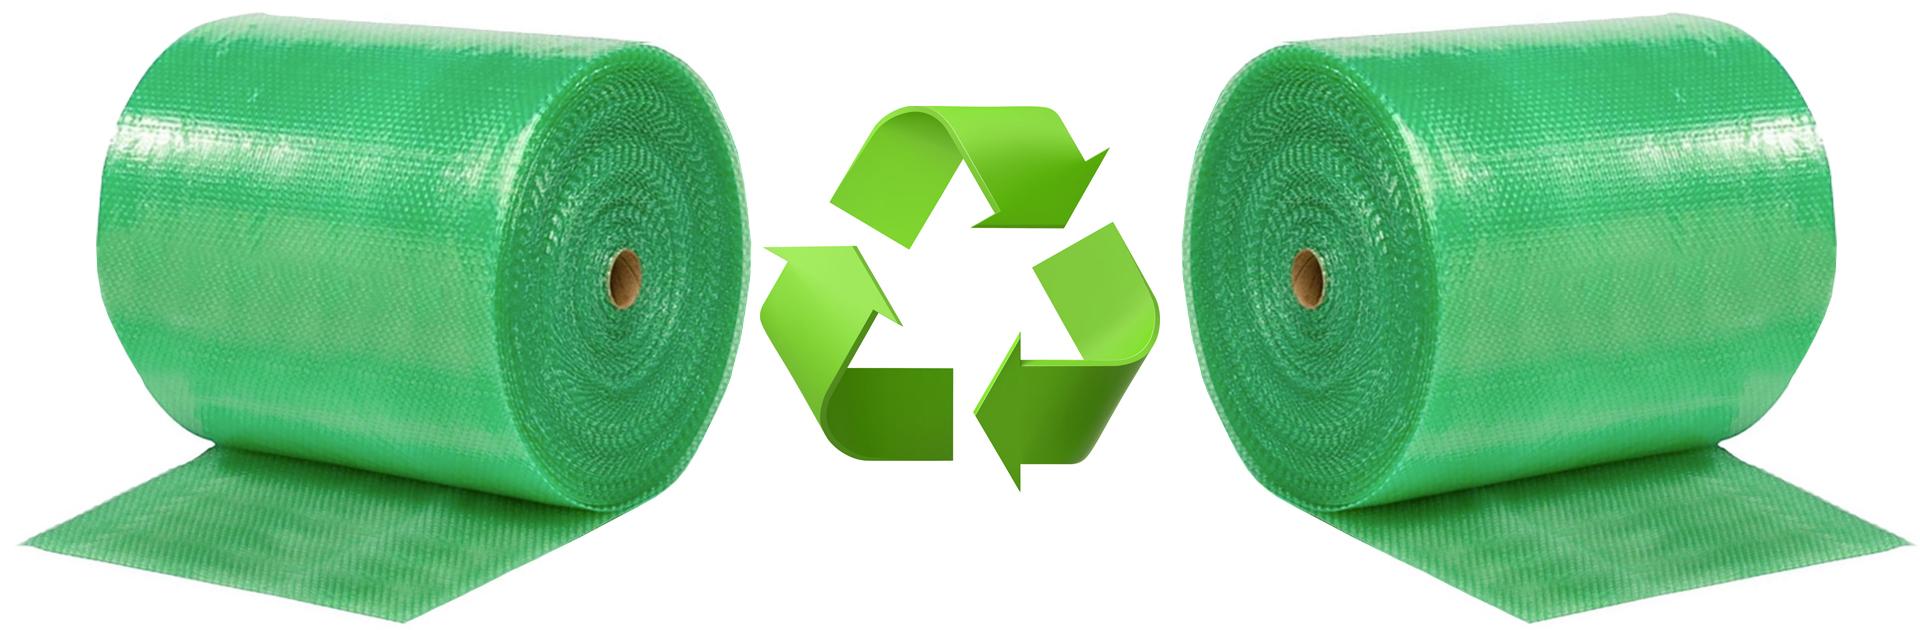 Groen luchtkussen folie van recycled plastic met recycle logo